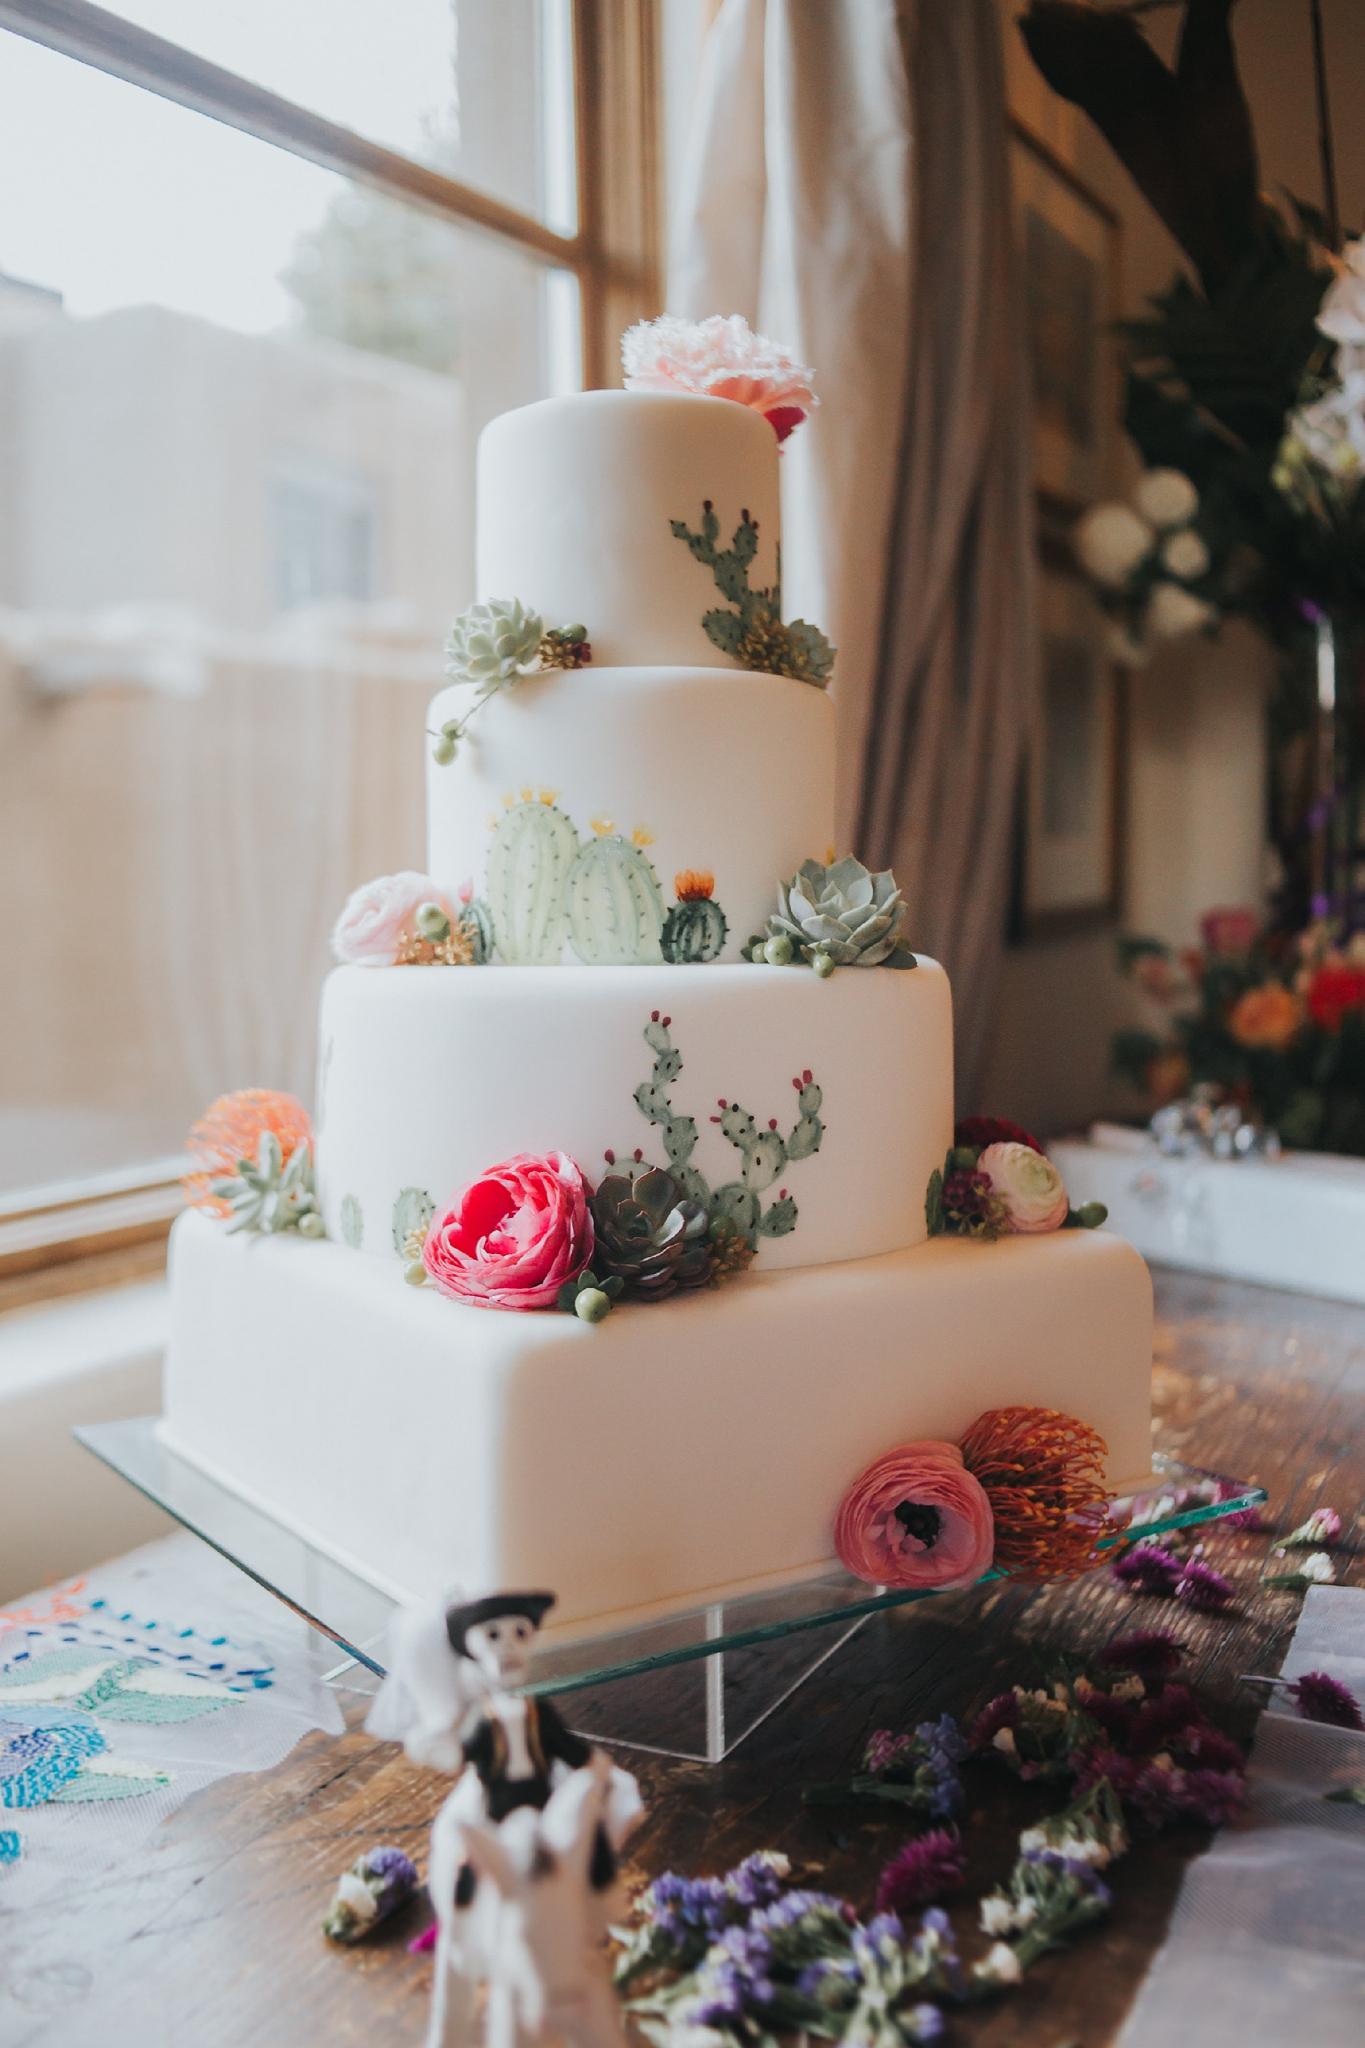 Alicia+lucia+photography+-+albuquerque+wedding+photographer+-+santa+fe+wedding+photography+-+new+mexico+wedding+photographer+-+wedding+reception+-+wedding+cake+-+wedding+sweets+-+maggies+cakes_0017.jpg